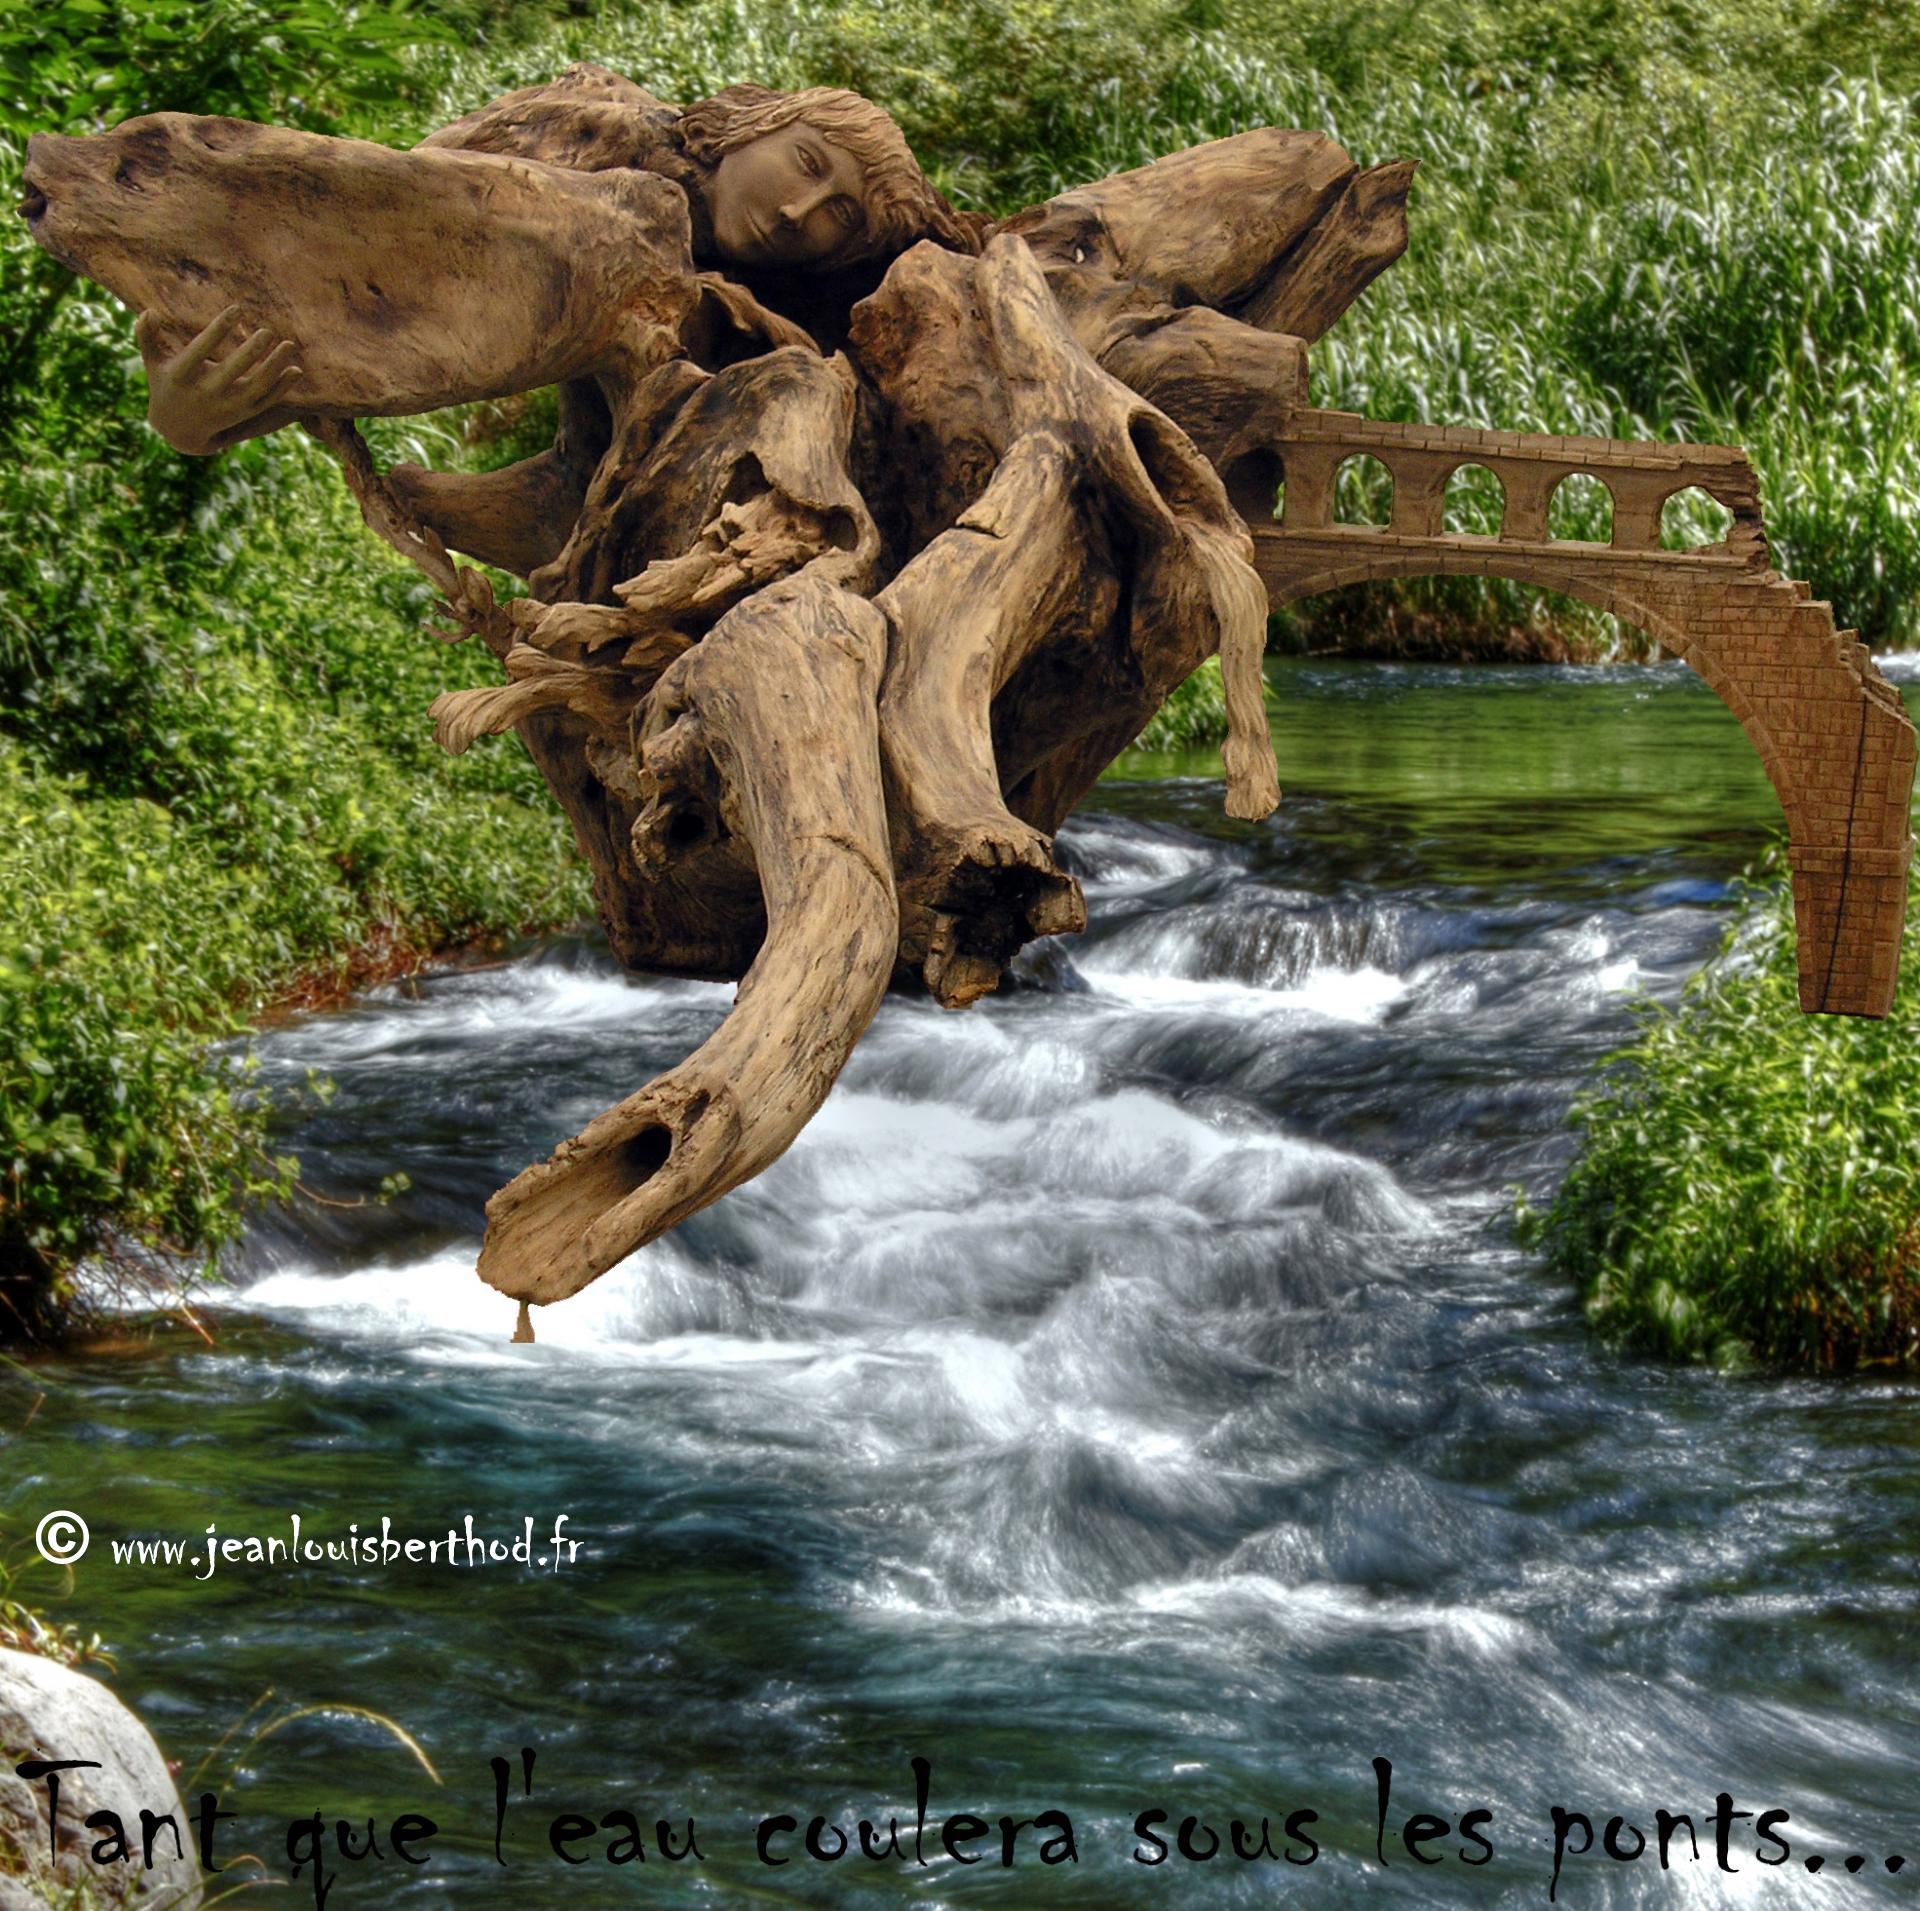 Tant que l'eau coulera sous les ponts